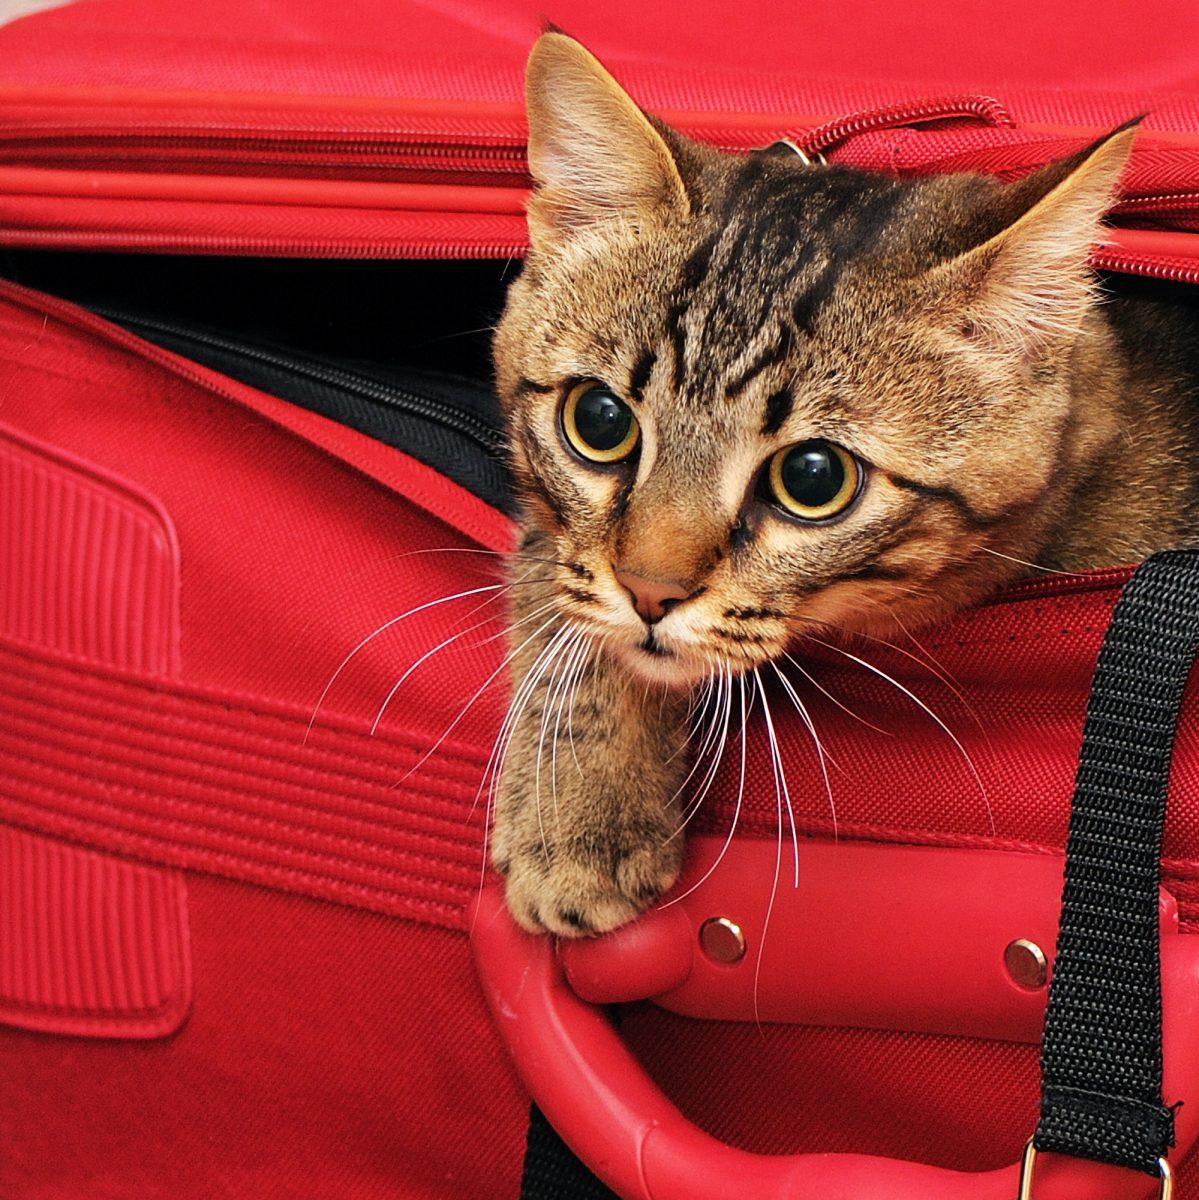 Kot domowy ma swoje potrzeby wynikające z jego natury drapieżnika.